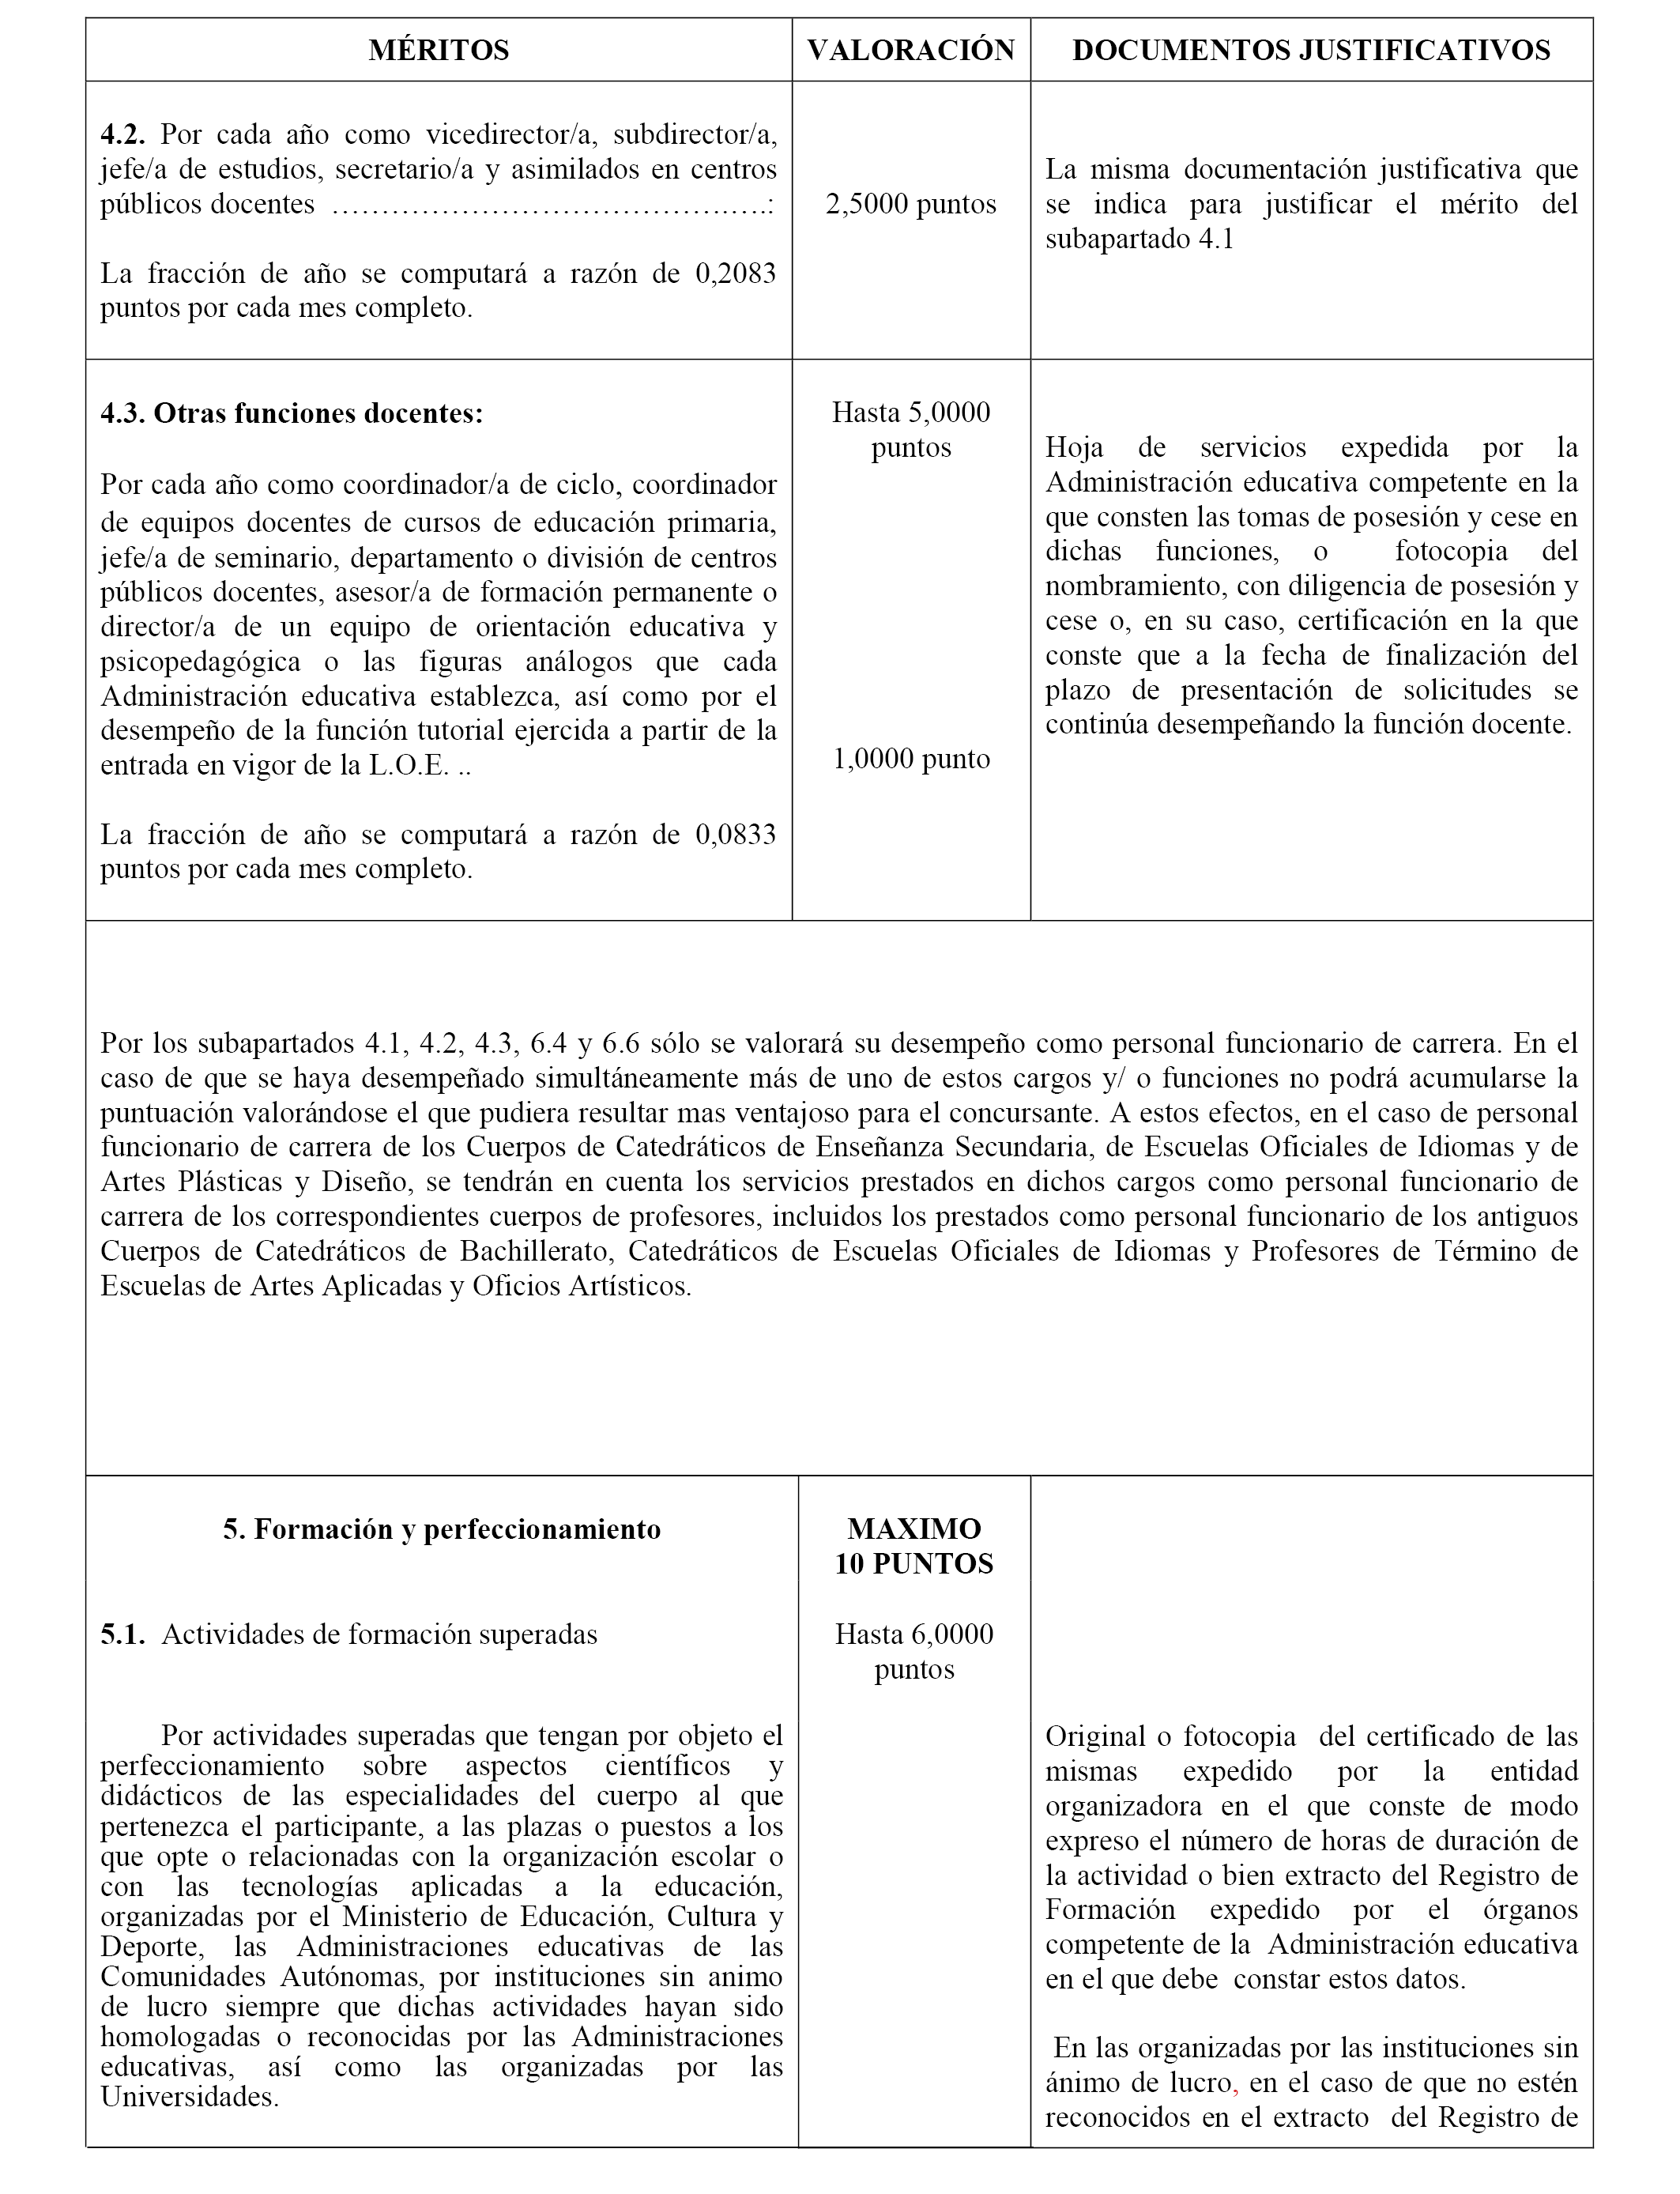 Convocatoria a concurso de docentes ao 2016 puestos for Concurso meritos docentes 2016